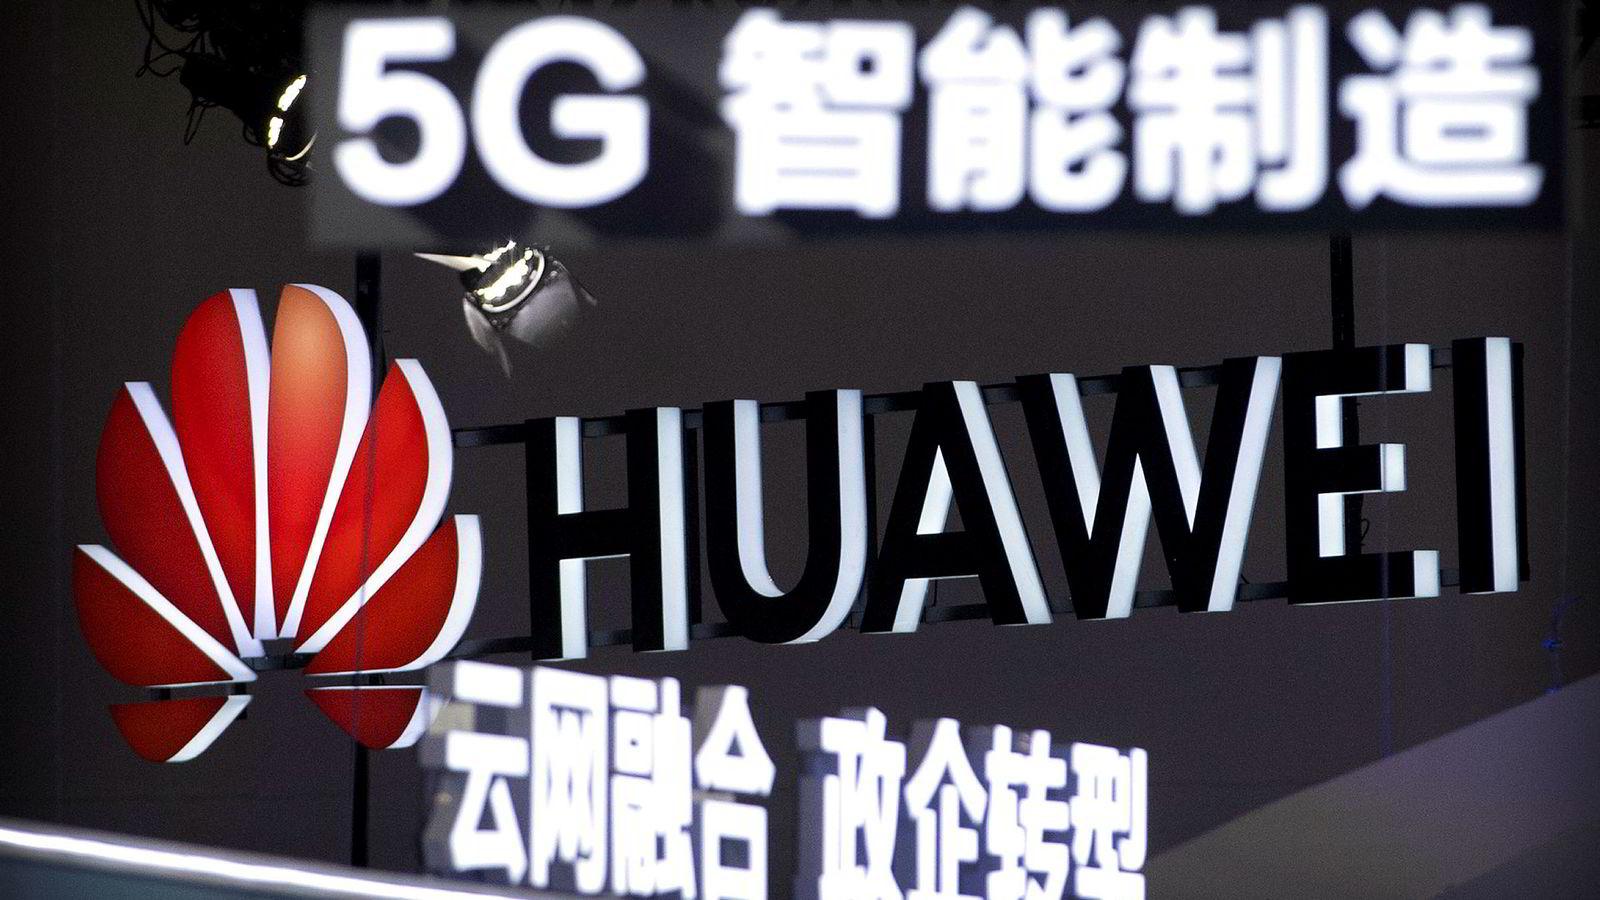 USA mener det kinesiske teknologiselskapet Huawei utgjør en sikkerhetsrisiko. De forsøker å få allierte med på en boikott av leveranser til den kommende 5G-utbyggingen. Svært mye står på spill.